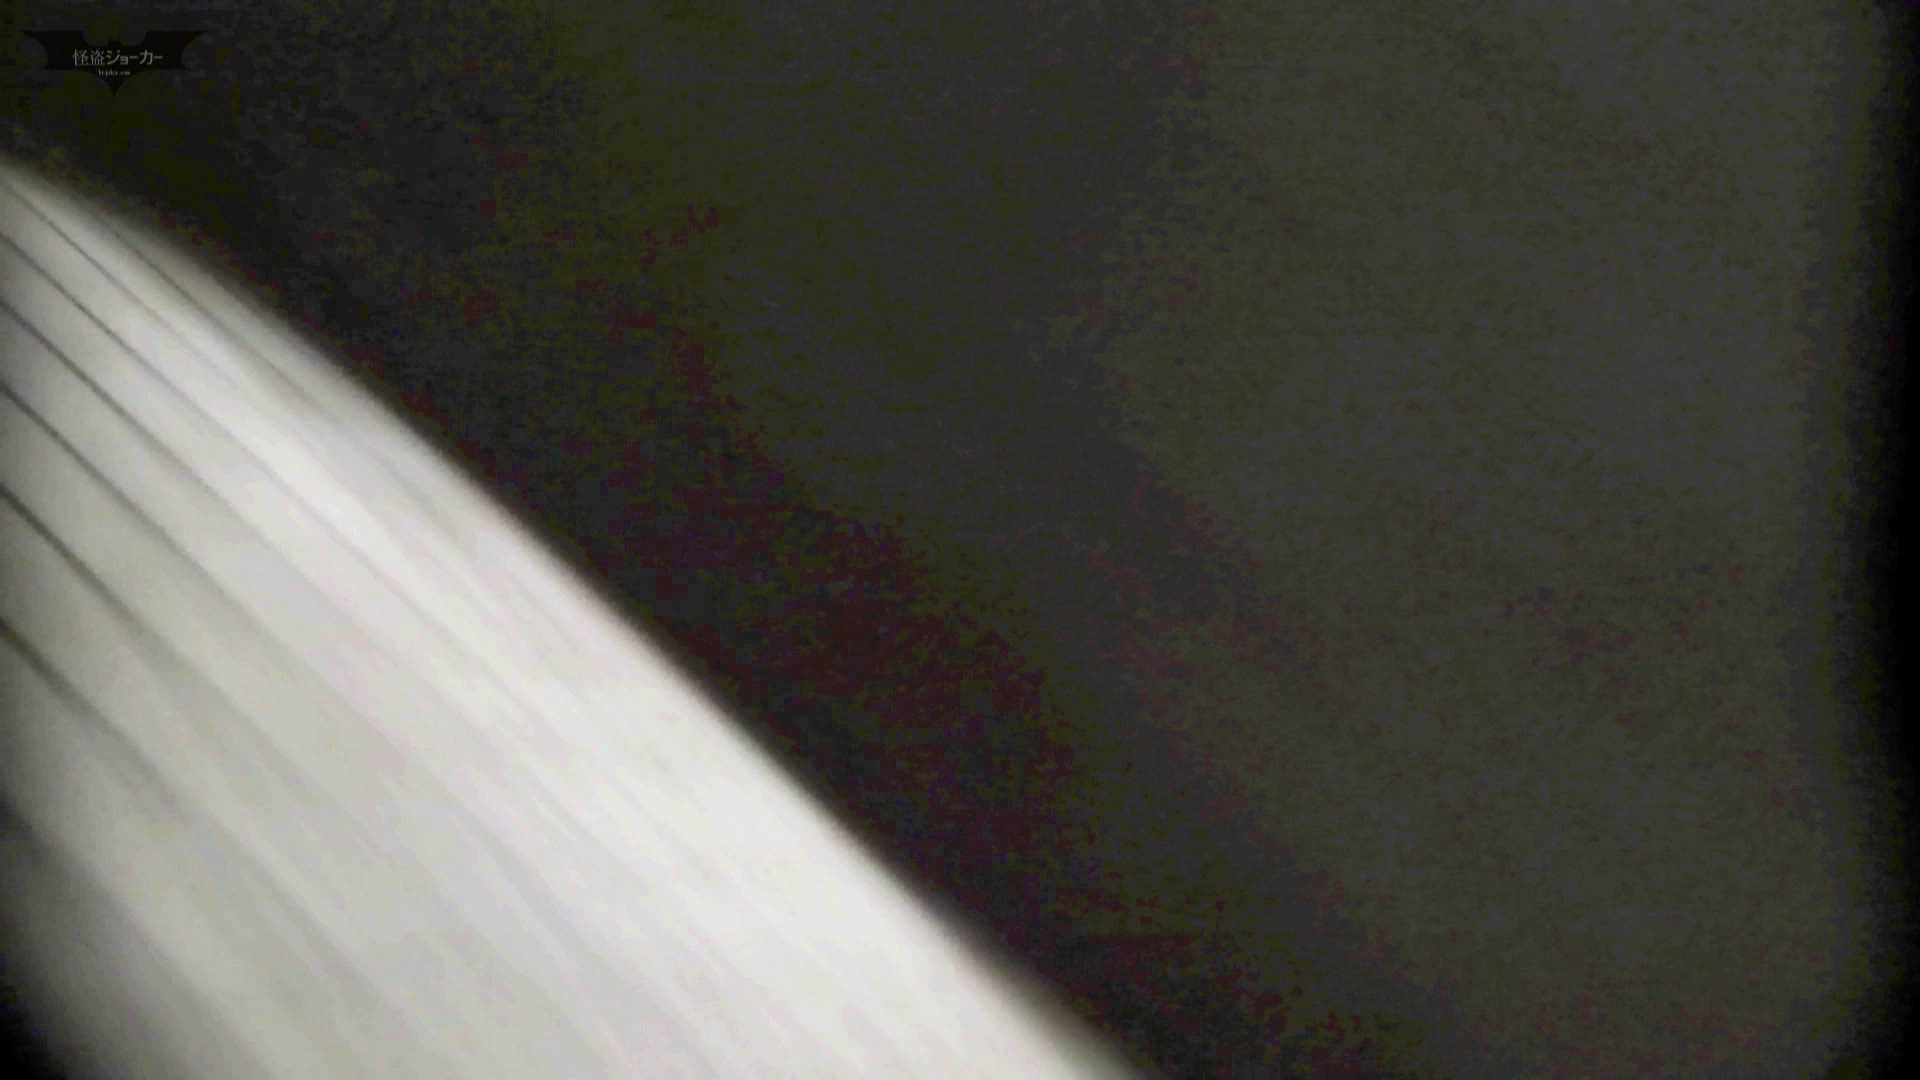 洗面所特攻隊 vol.68 前回のスーパー美女がついに【2015・14位】 OLの実態  47pic 9